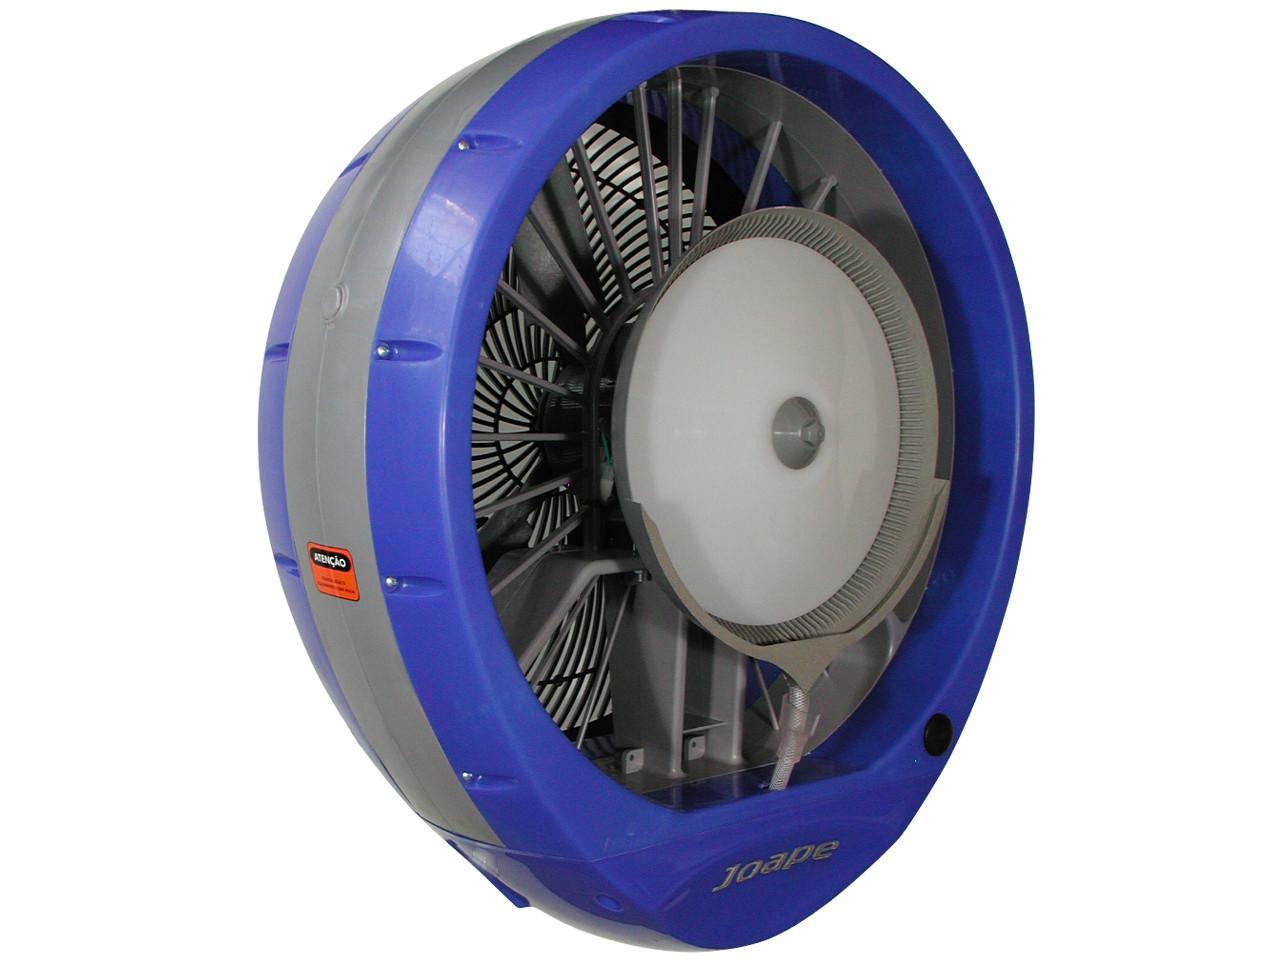 Climatizador joape fortaleza 777 - Climatizador de agua ...